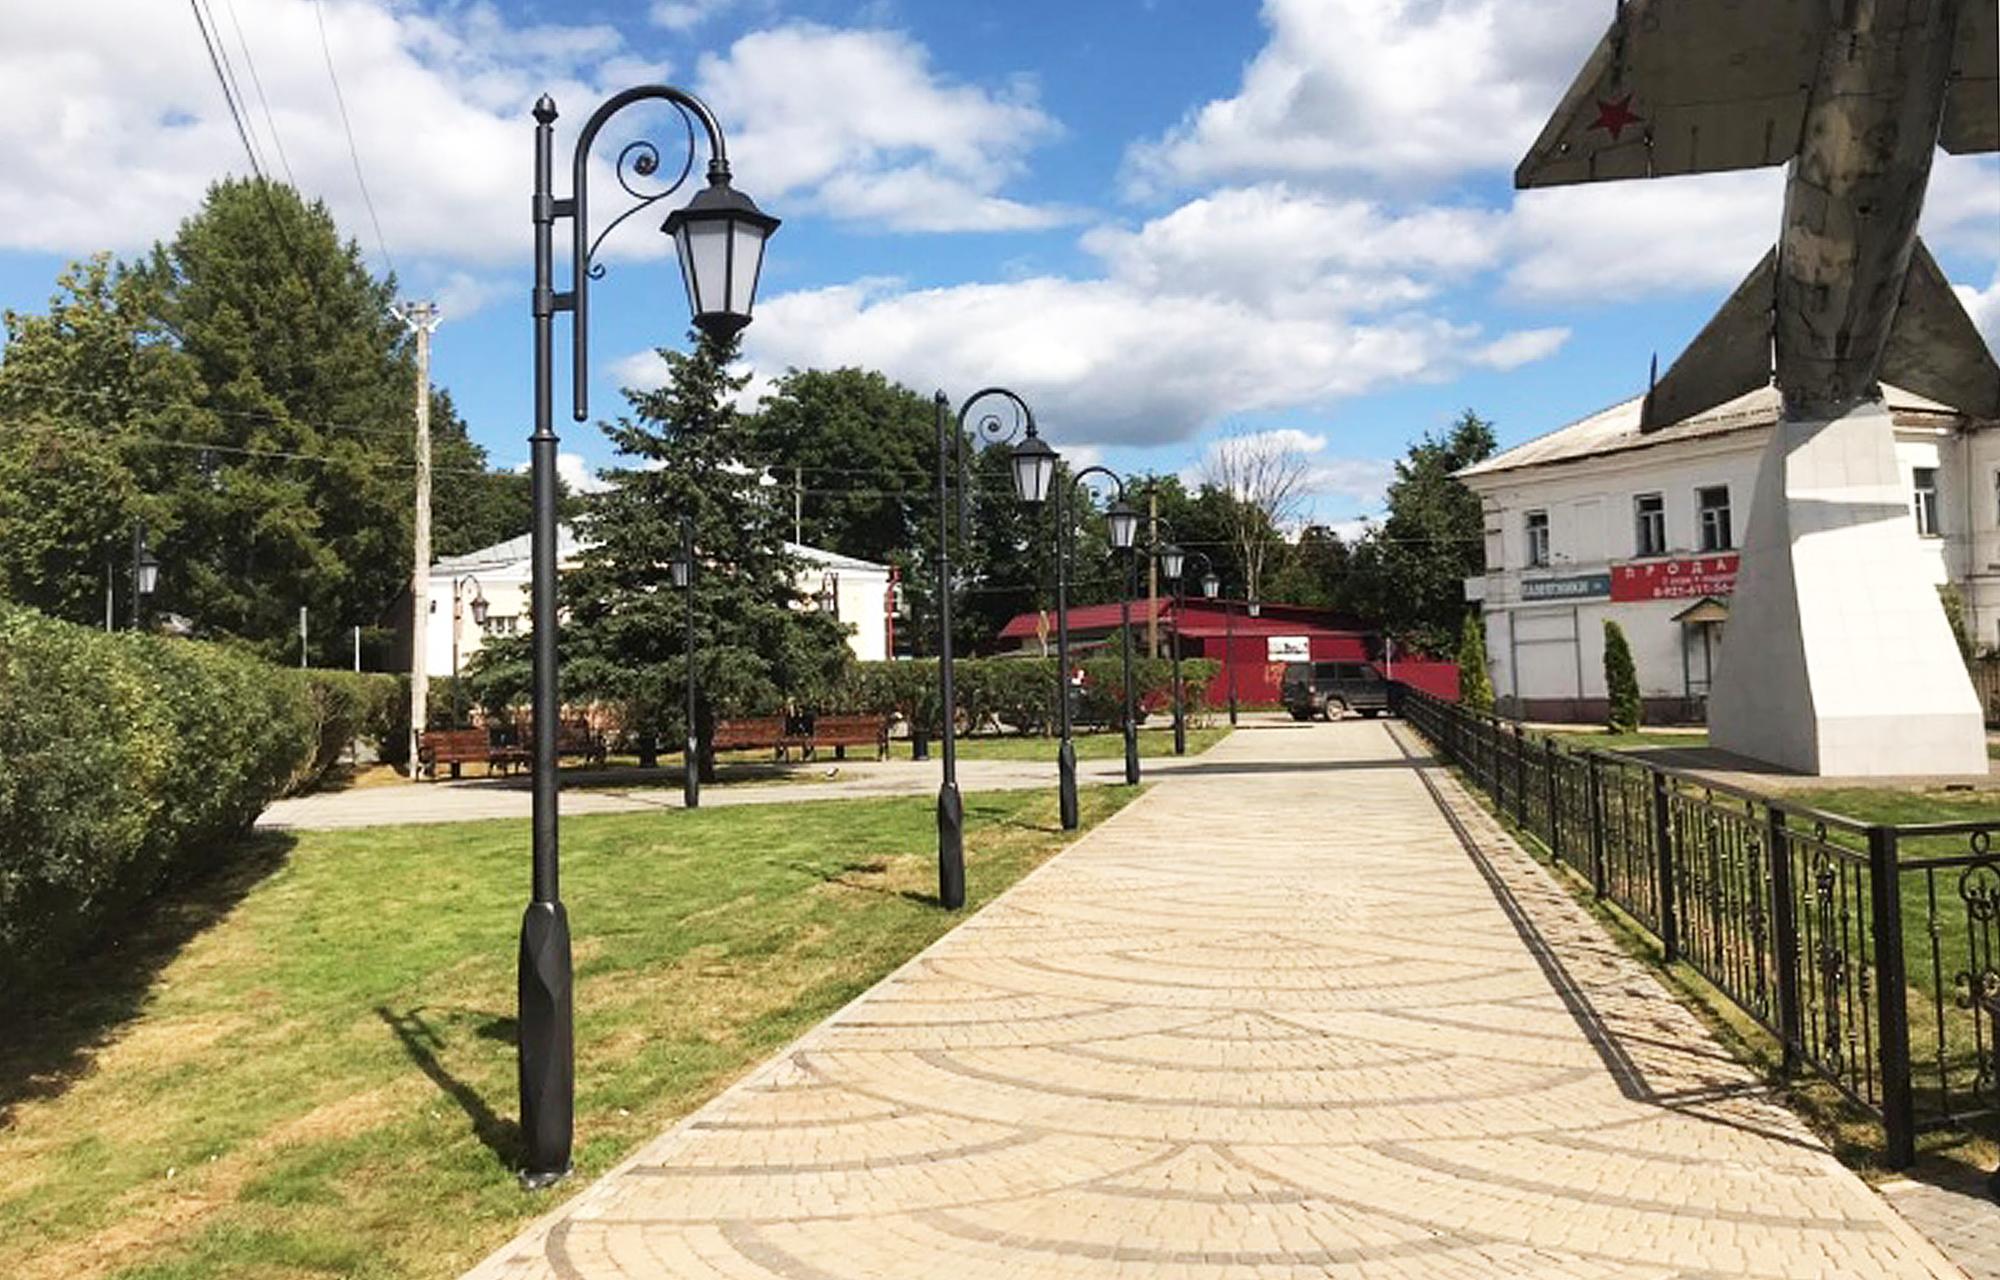 Мемориалы, парки и дворы: в правительстве рассказали, что благоустроили в Тверской области